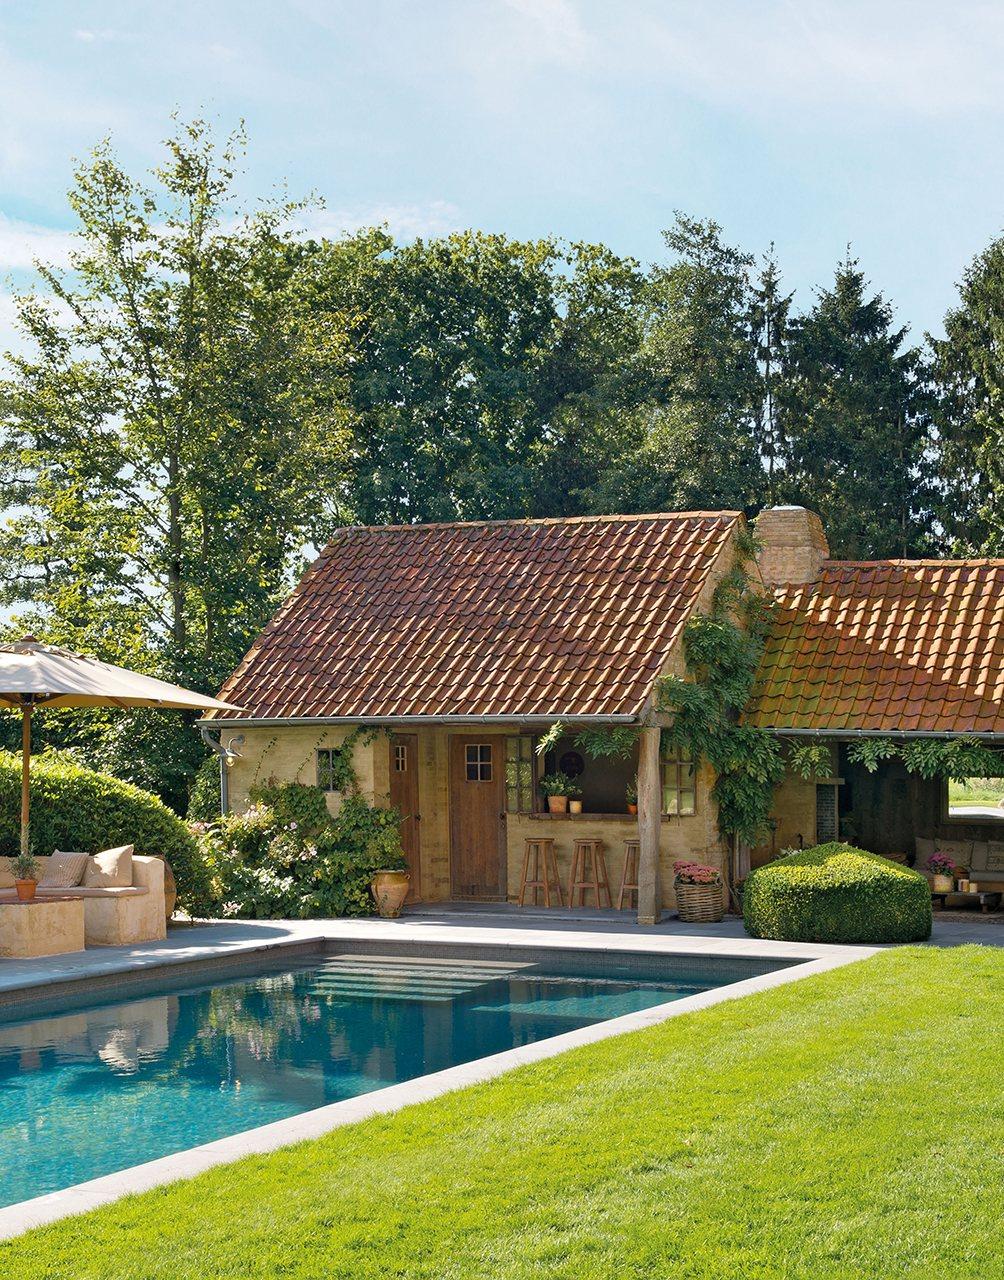 Una casa de campo muy acogedora con un jard n y un porche for Jardines exteriores de casas de campo